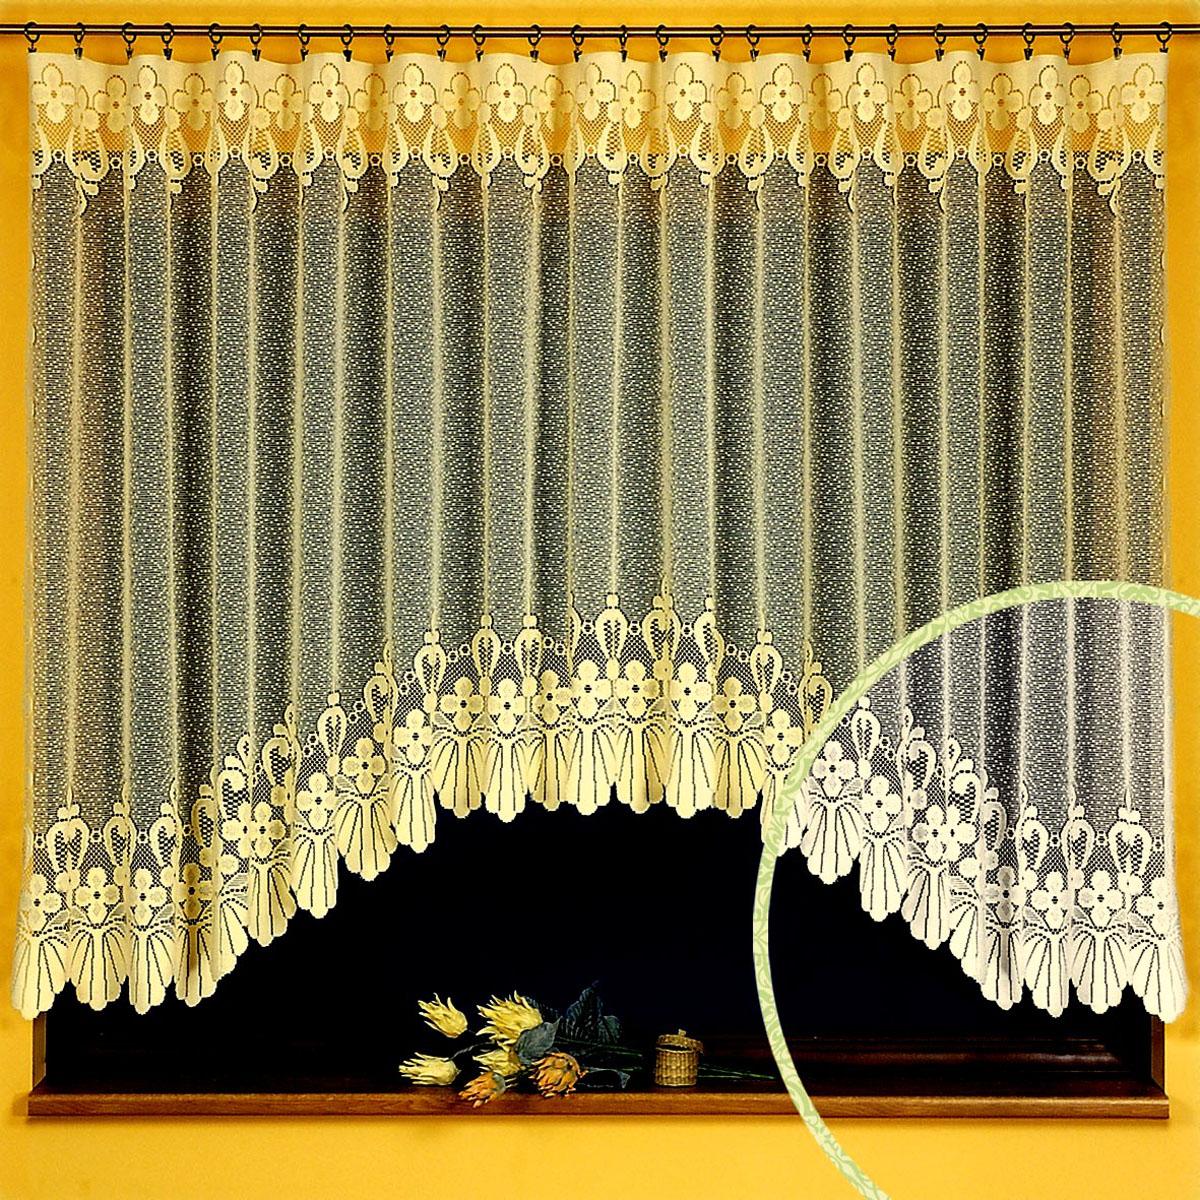 """Гардина """"Ewa"""", выполненная из легкого полиэстера белого цвета, станет великолепным украшением любого окна. Тонкое плетение, оригинальный дизайн и нежная цветовая гамма привлекут внимание и украсят интерьер помещения. Гардина крепится к карнизу только с помощью зажимов (в комплект не входят). Характеристики:Материал: 100% полиэстер. Цвет: белый. Размер упаковки:  24 см х 33 см х 6 см. Артикул: 446803.В комплект входит: Гардина - 1 шт. Размер (ШхВ): 350 см х 150 см. Фирма """"Wisan"""" на польском рынке существует уже более пятидесяти лет и является одной из лучших польских фабрик по производству штор и тканей. Ассортимент фирмы представлен готовыми комплектами штор для гостиной, детской, кухни, а также текстилем для кухни (скатерти, салфетки, дорожки, кухонные занавески). Модельный ряд отличает оригинальный дизайн, высокое качество. Ассортимент продукции постоянно пополняется.  УВАЖАЕМЫЕ КЛИЕНТЫ!  Обращаем ваше внимание на цвет изделия. Цветовой вариант гардины, данной в интерьере, служит для визуального восприятия товара. Цветовая гамма данной гардины представлена на отдельном изображении фрагментом ткани."""